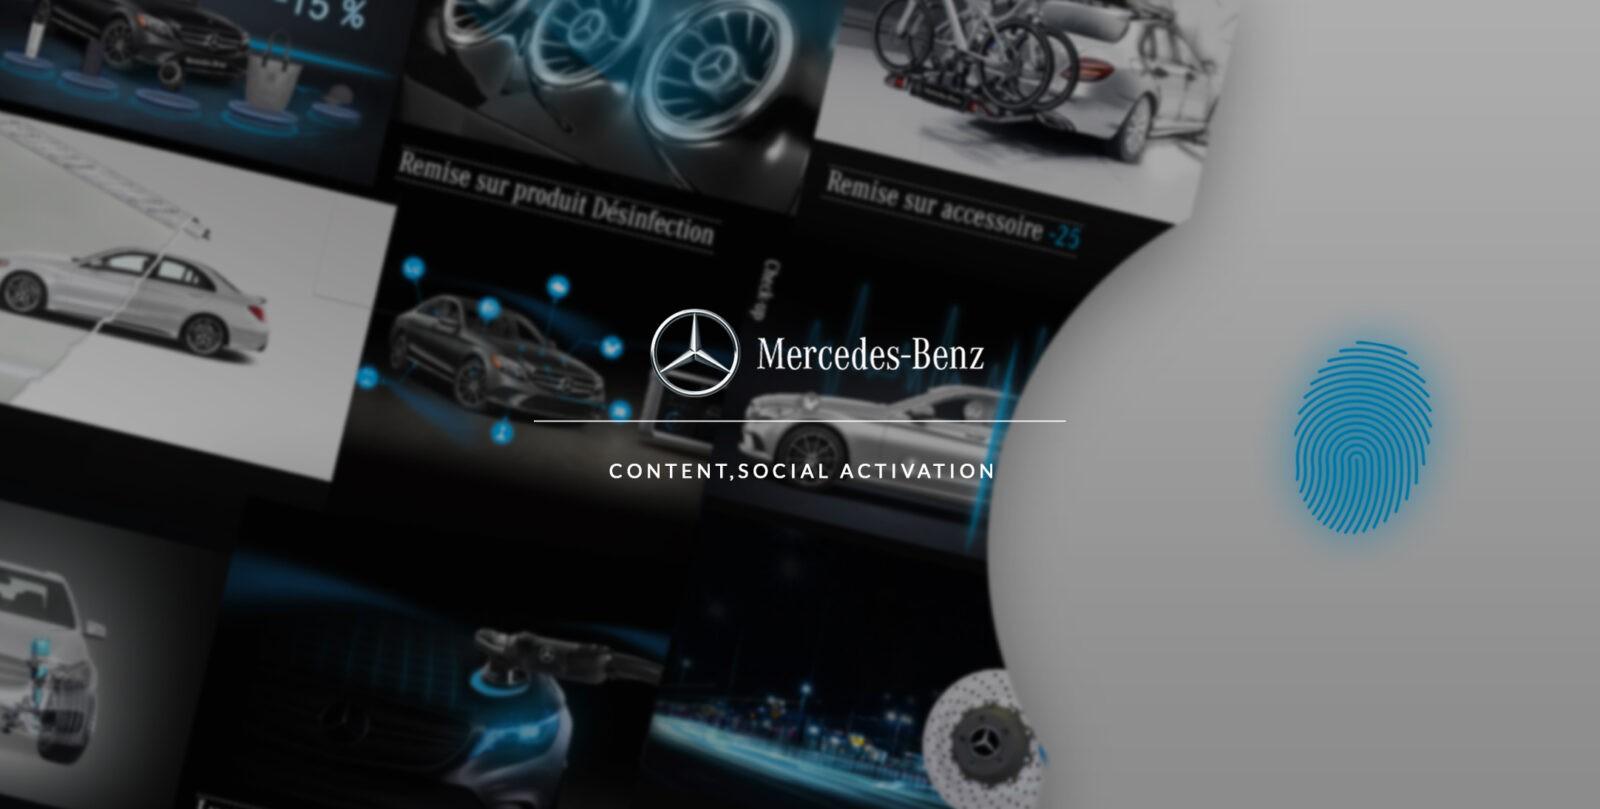 Conception et développement du site web et de l'application mobile Mercedes par l'agence web et mobile Majjane.